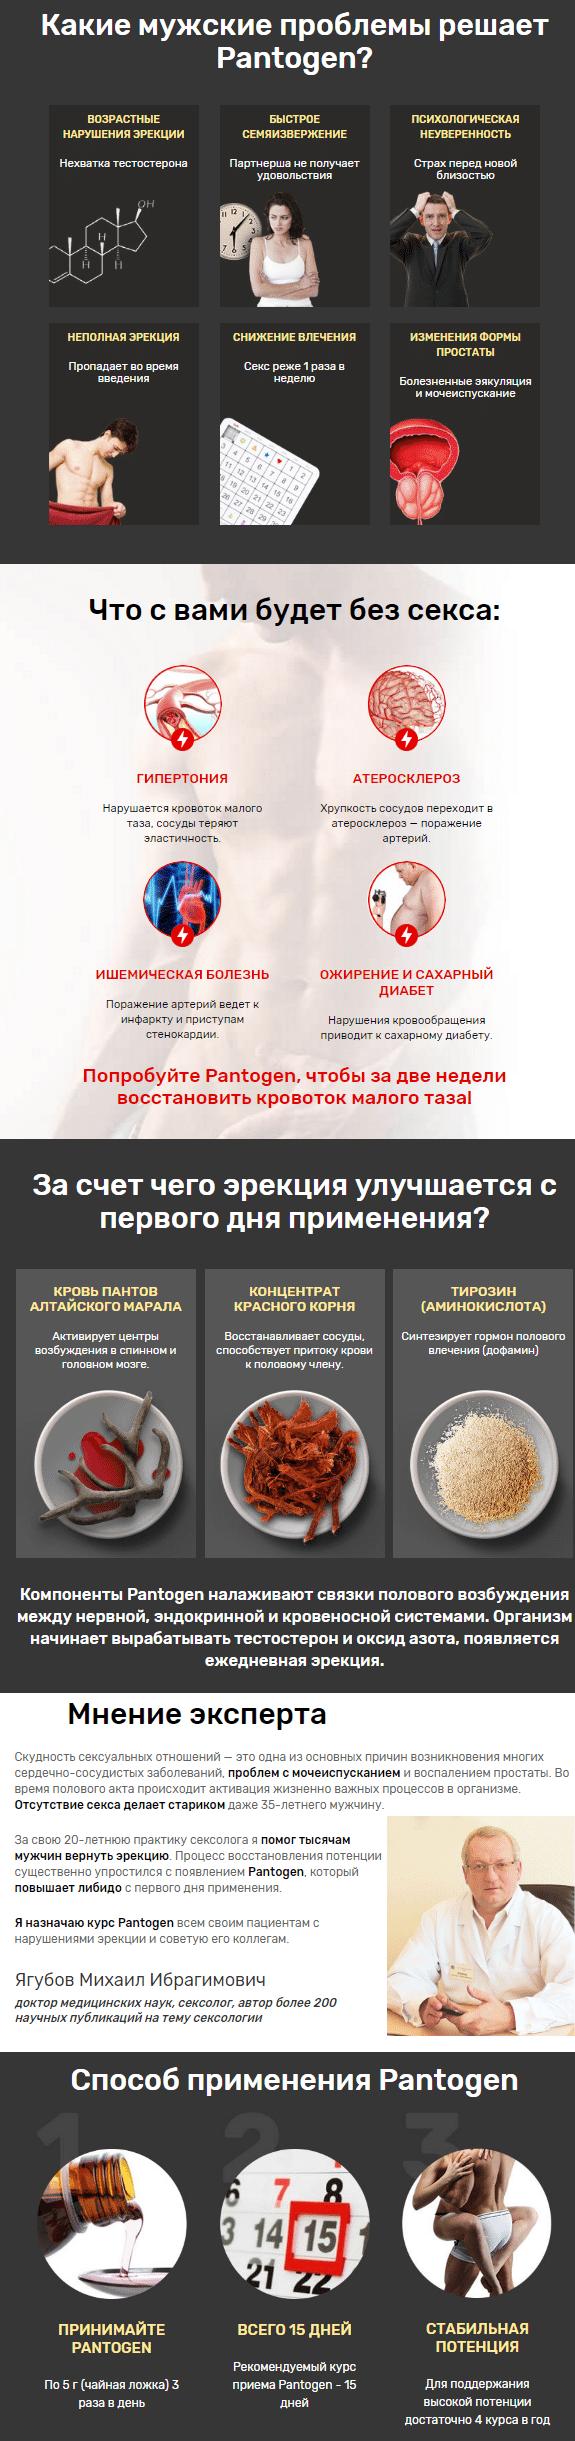 seksualnie-predpochteniya-zhenshini-skorpiona